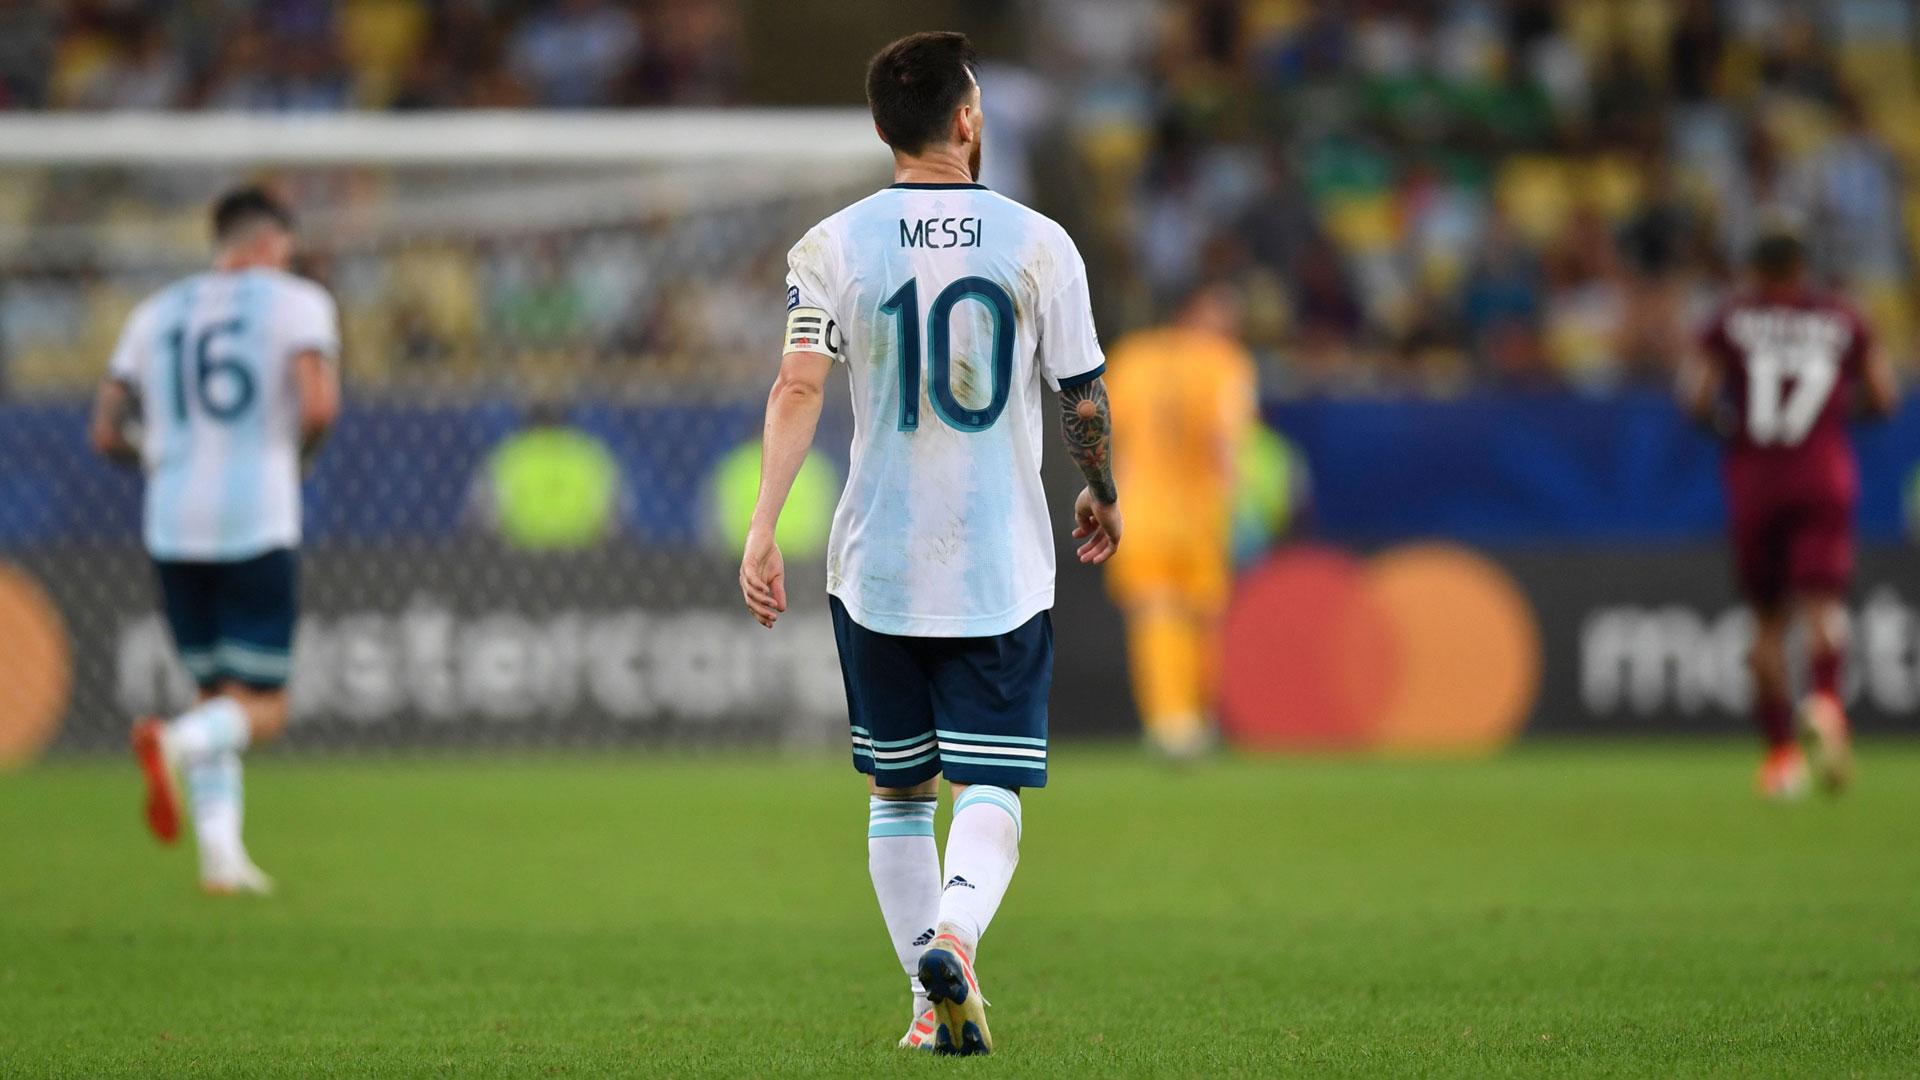 lionel-messi-argentina-copa-america-2019_vlikz05ez3bp1voviiwhr13z8